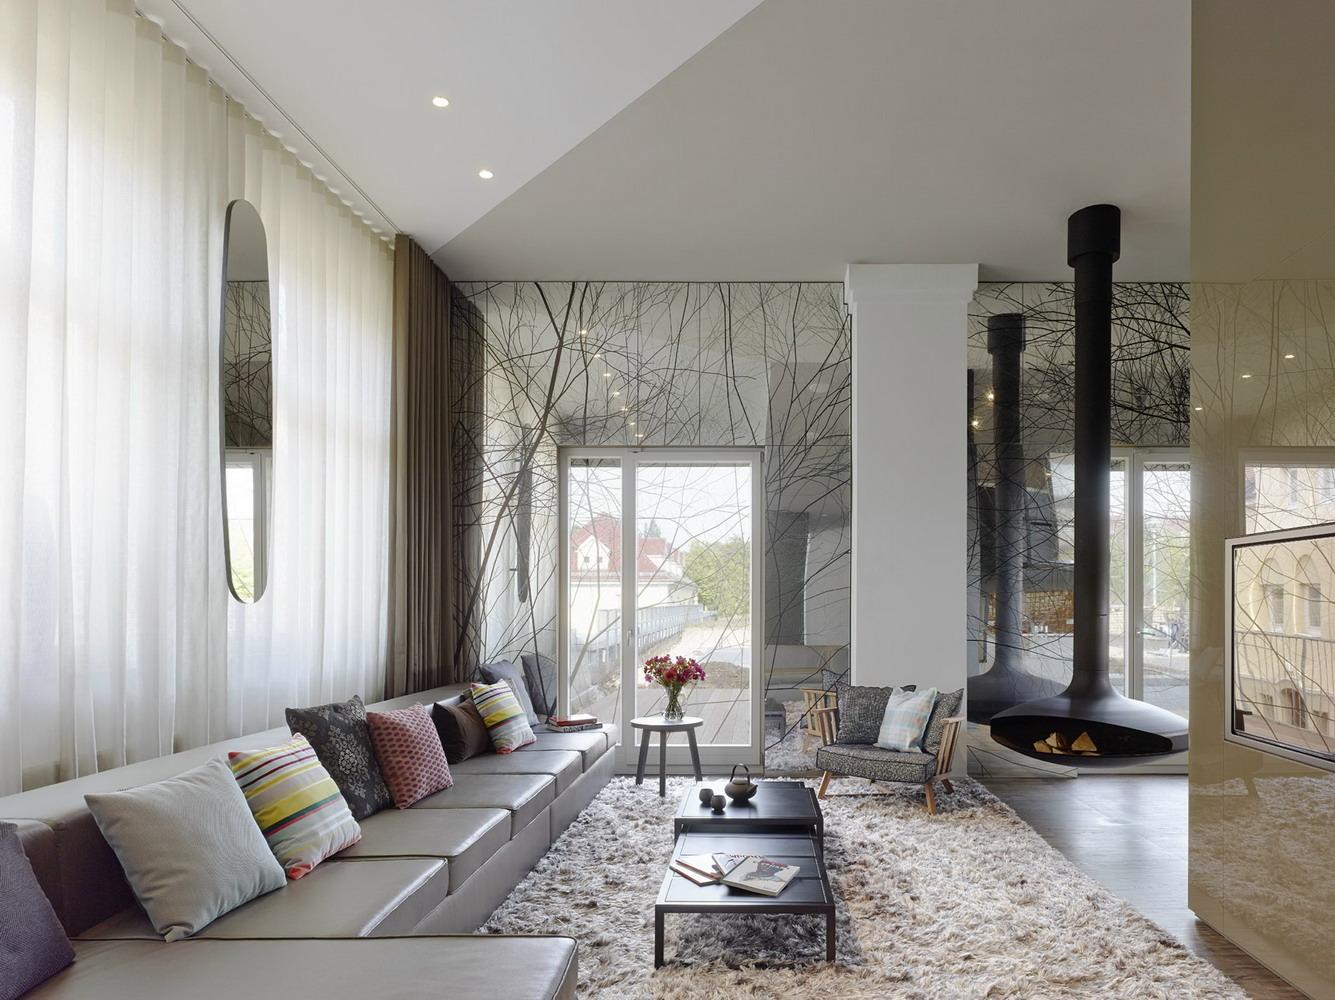 复古轻奢风时尚大气的现代家居